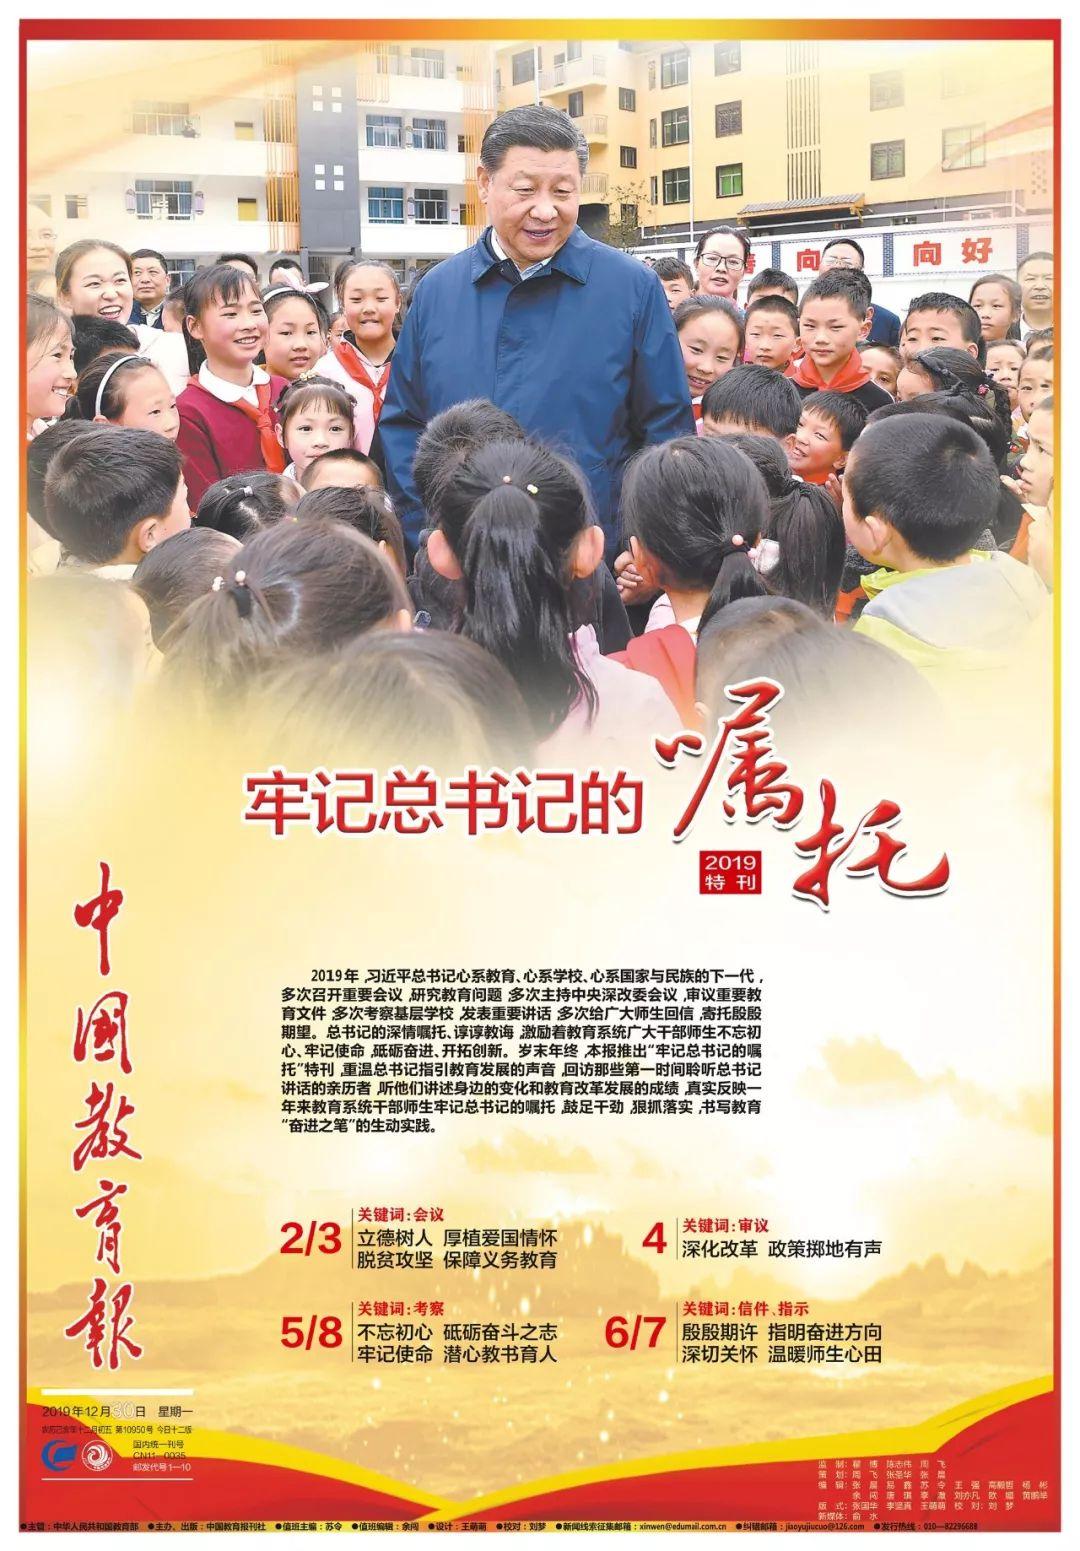 重温这一年,总书记指引教育发展